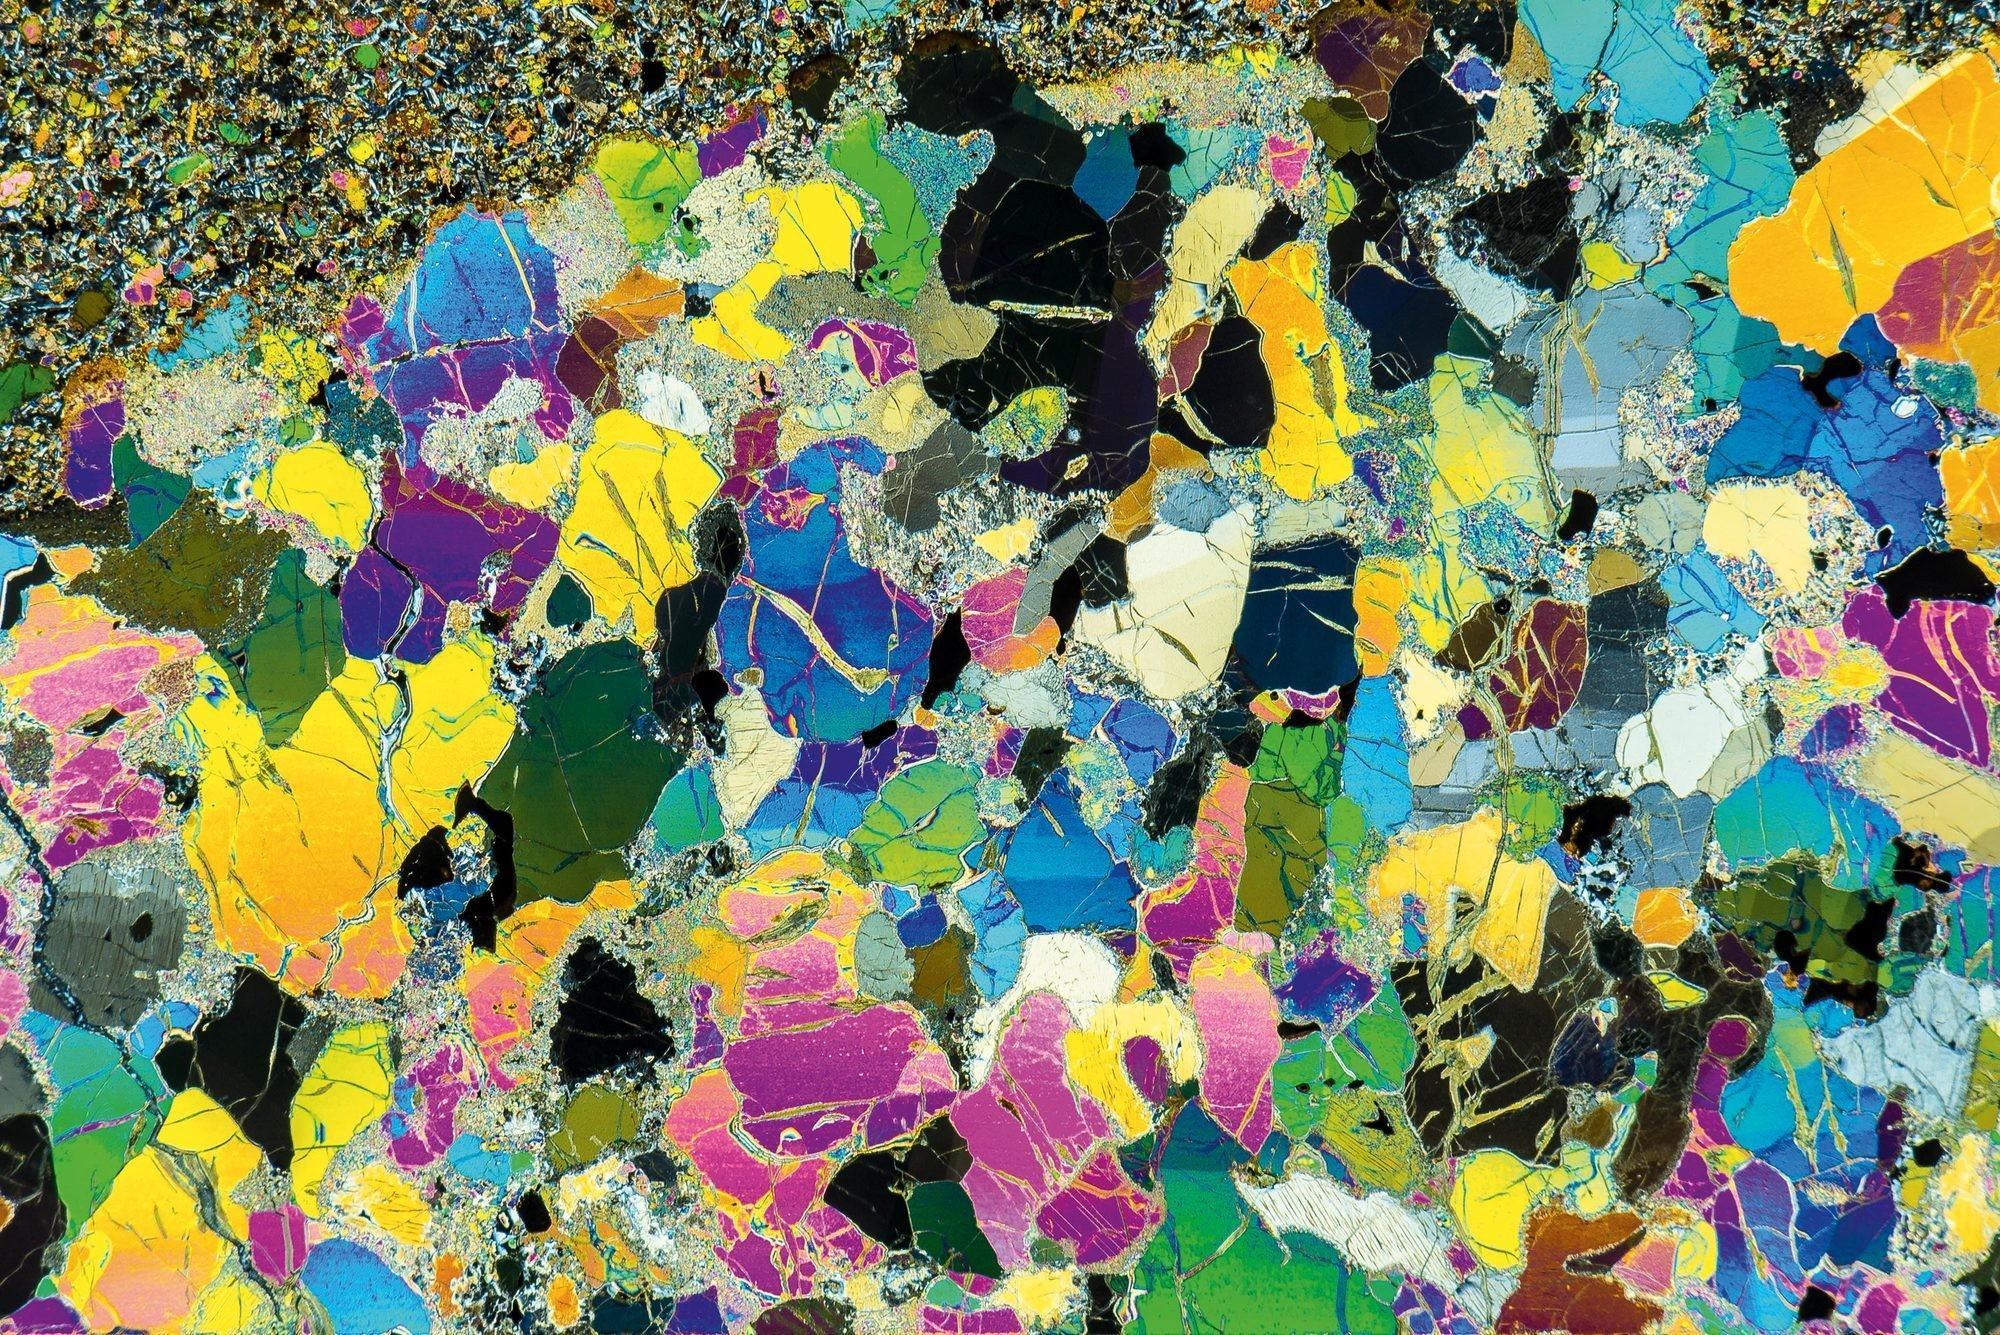 Très fine lame de roche basaltique observée au microscope